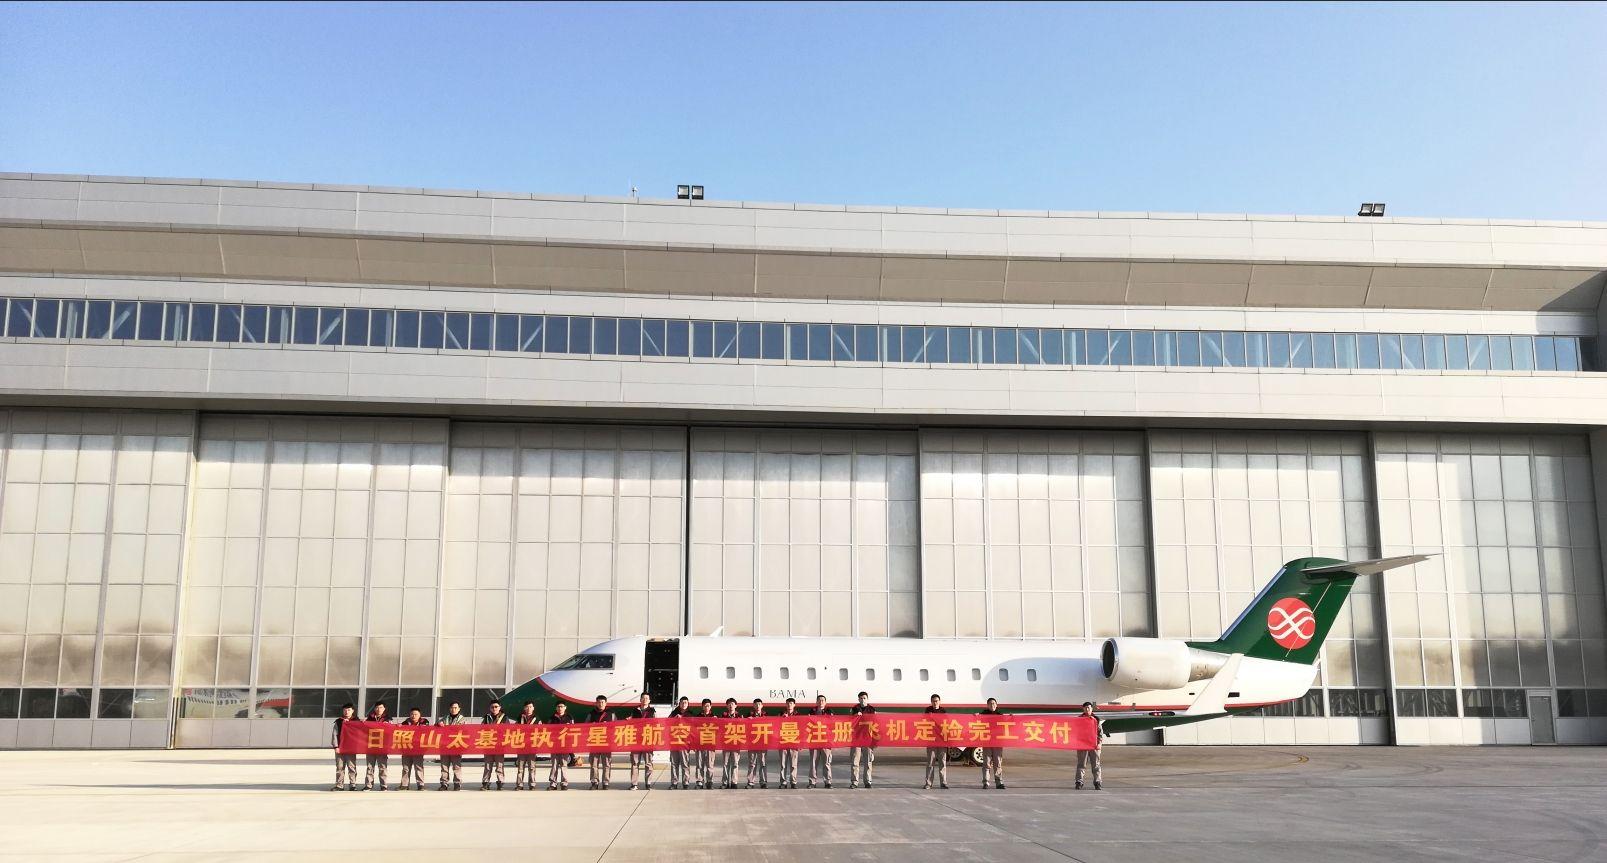 日照山太完成星雅航空首架開曼注冊飛機定檢交付